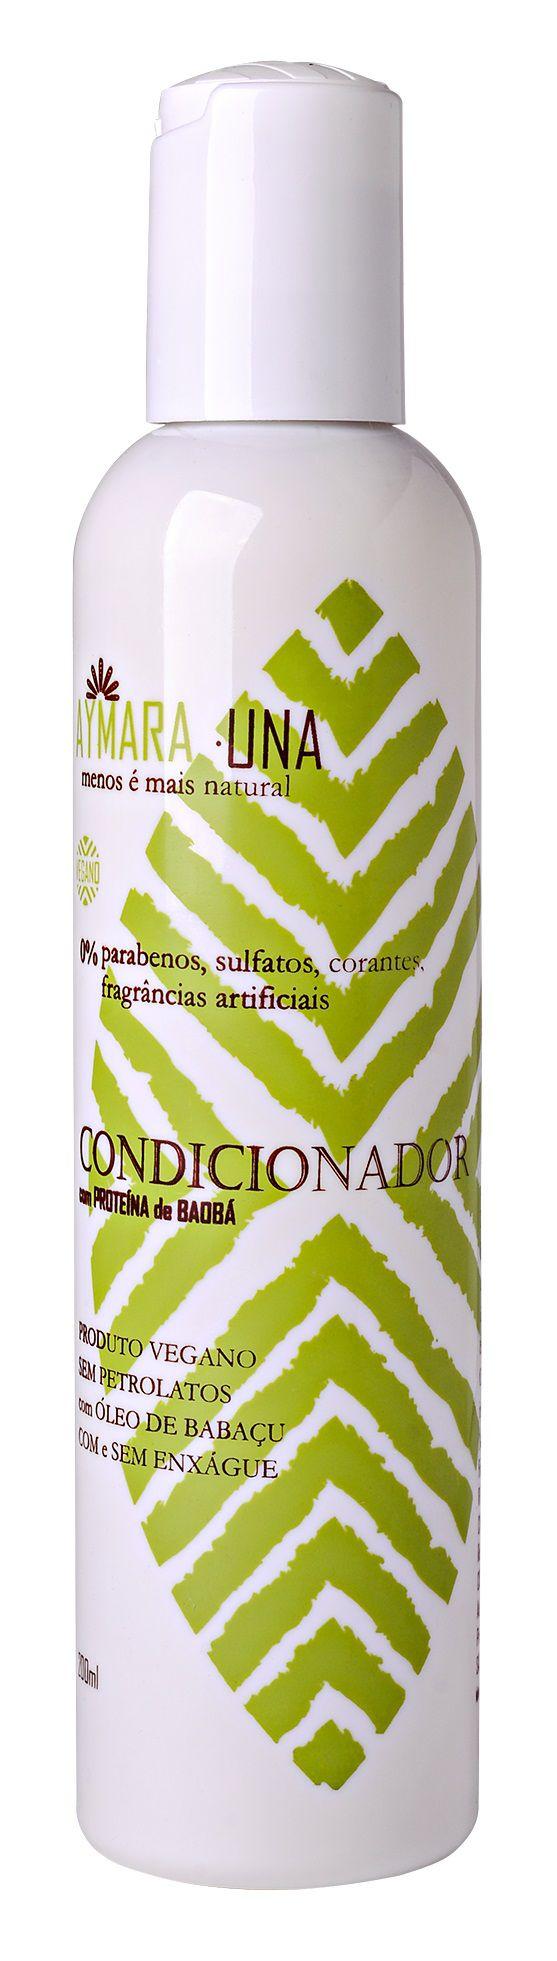 Condicionador Aymarauna 0% parabenos, sulfatos, corantes, fragrâncias artificiais - 200 ml